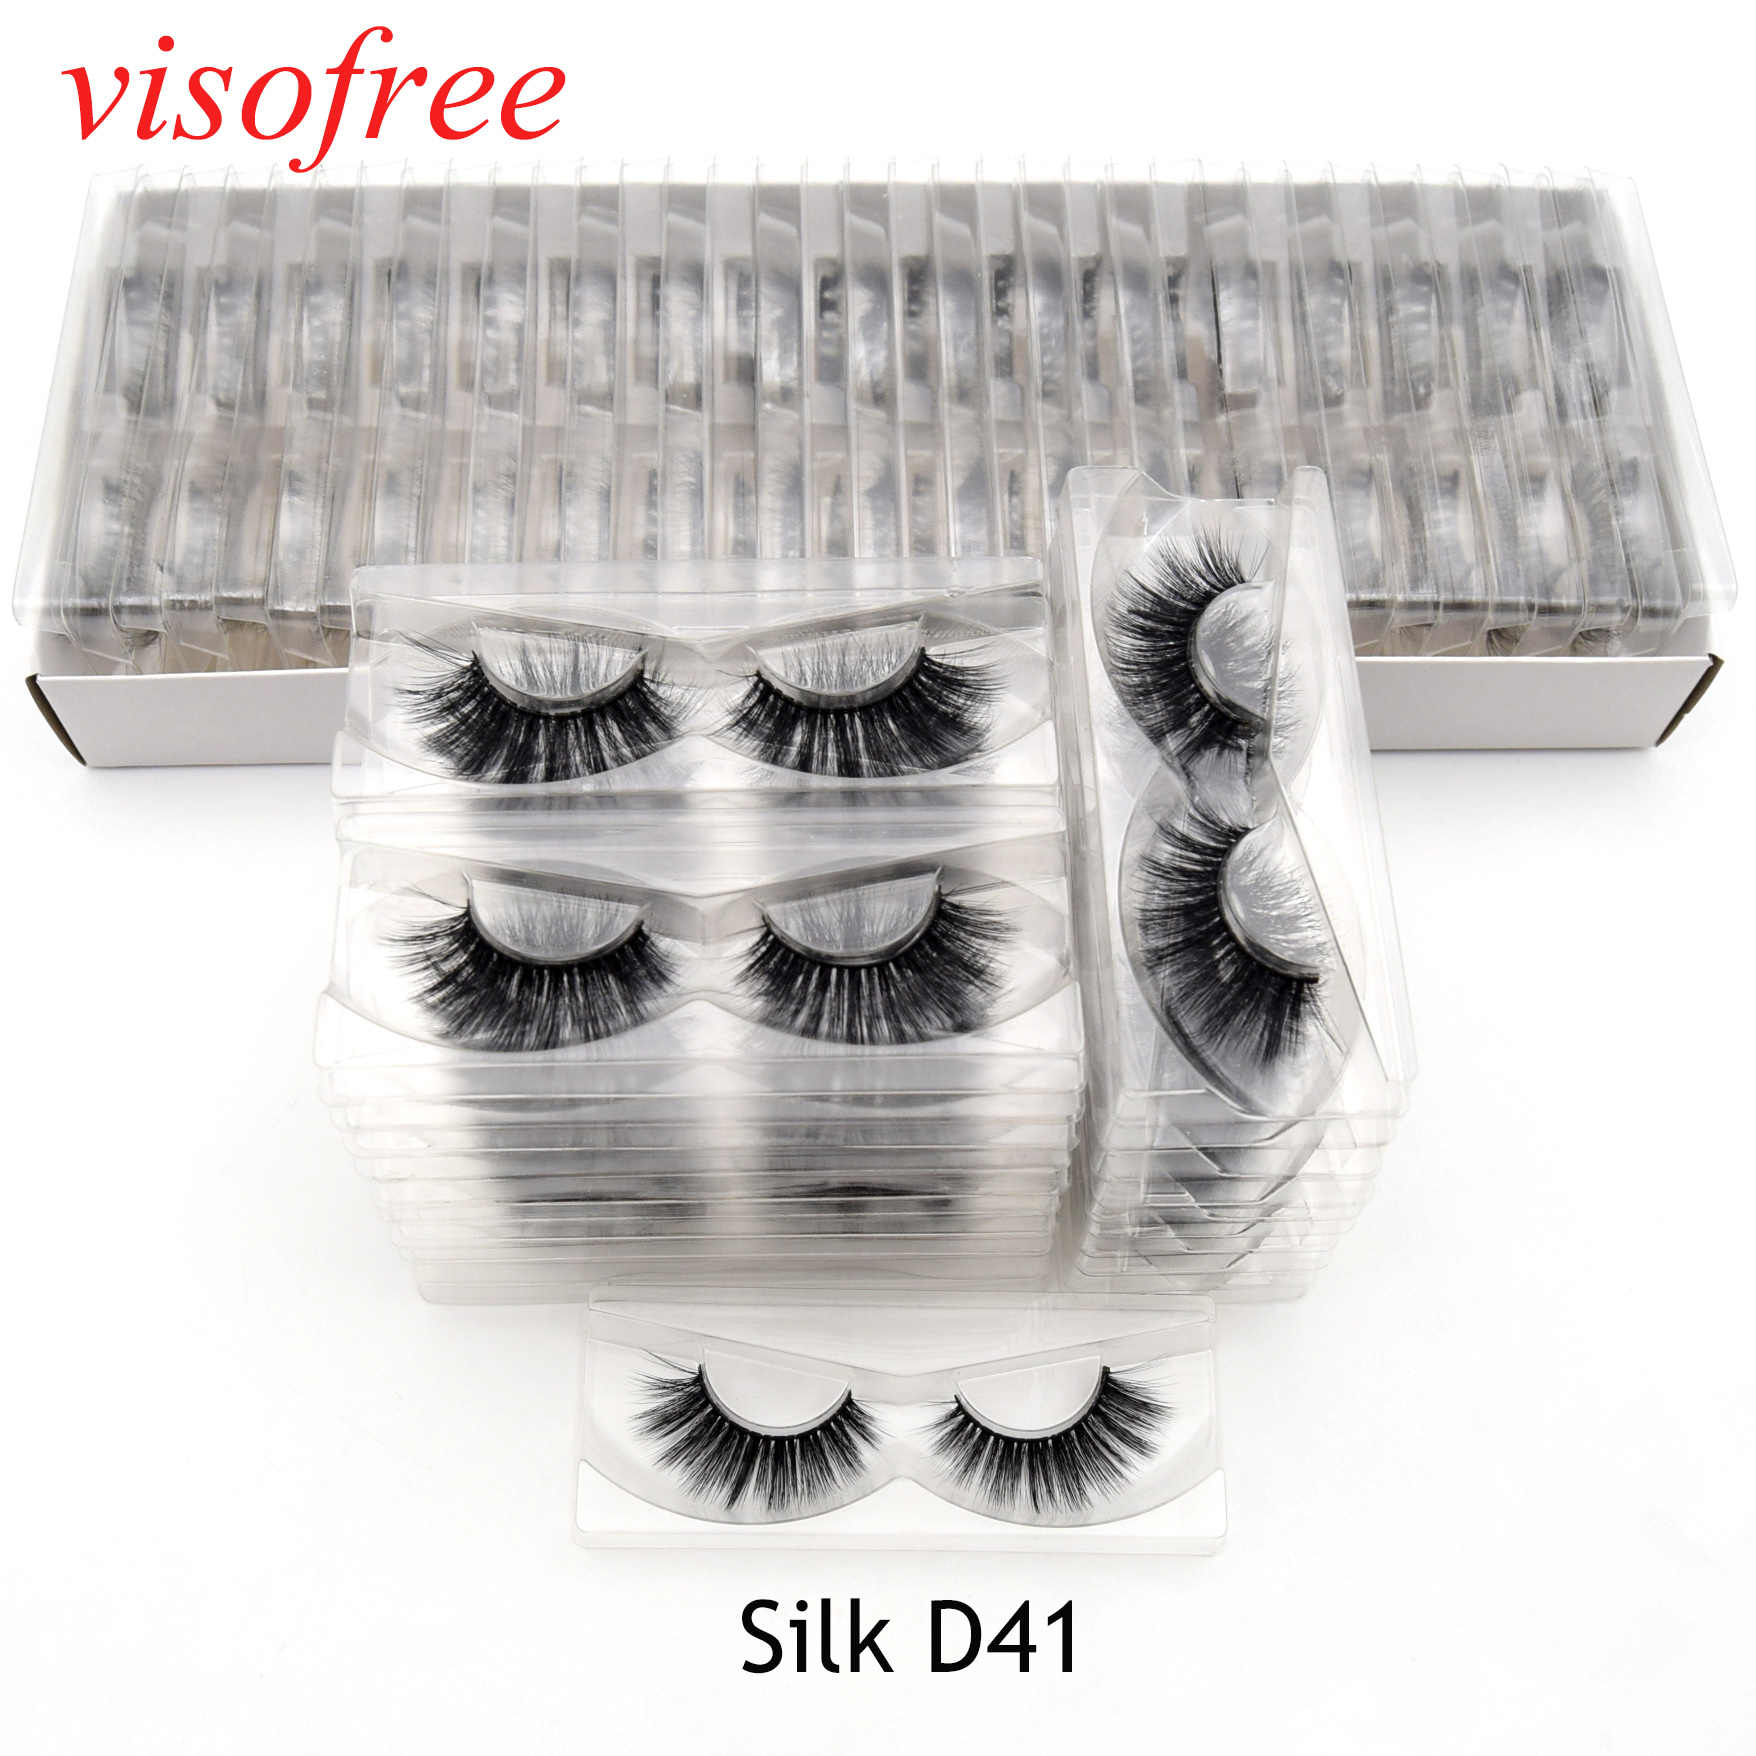 Visofree 30 пар/лот 3D шелковые ресницы ручной работы полная полоса ресницы шелковые отдельные полосы толстые ресницы накладные ресницы Silk-D41